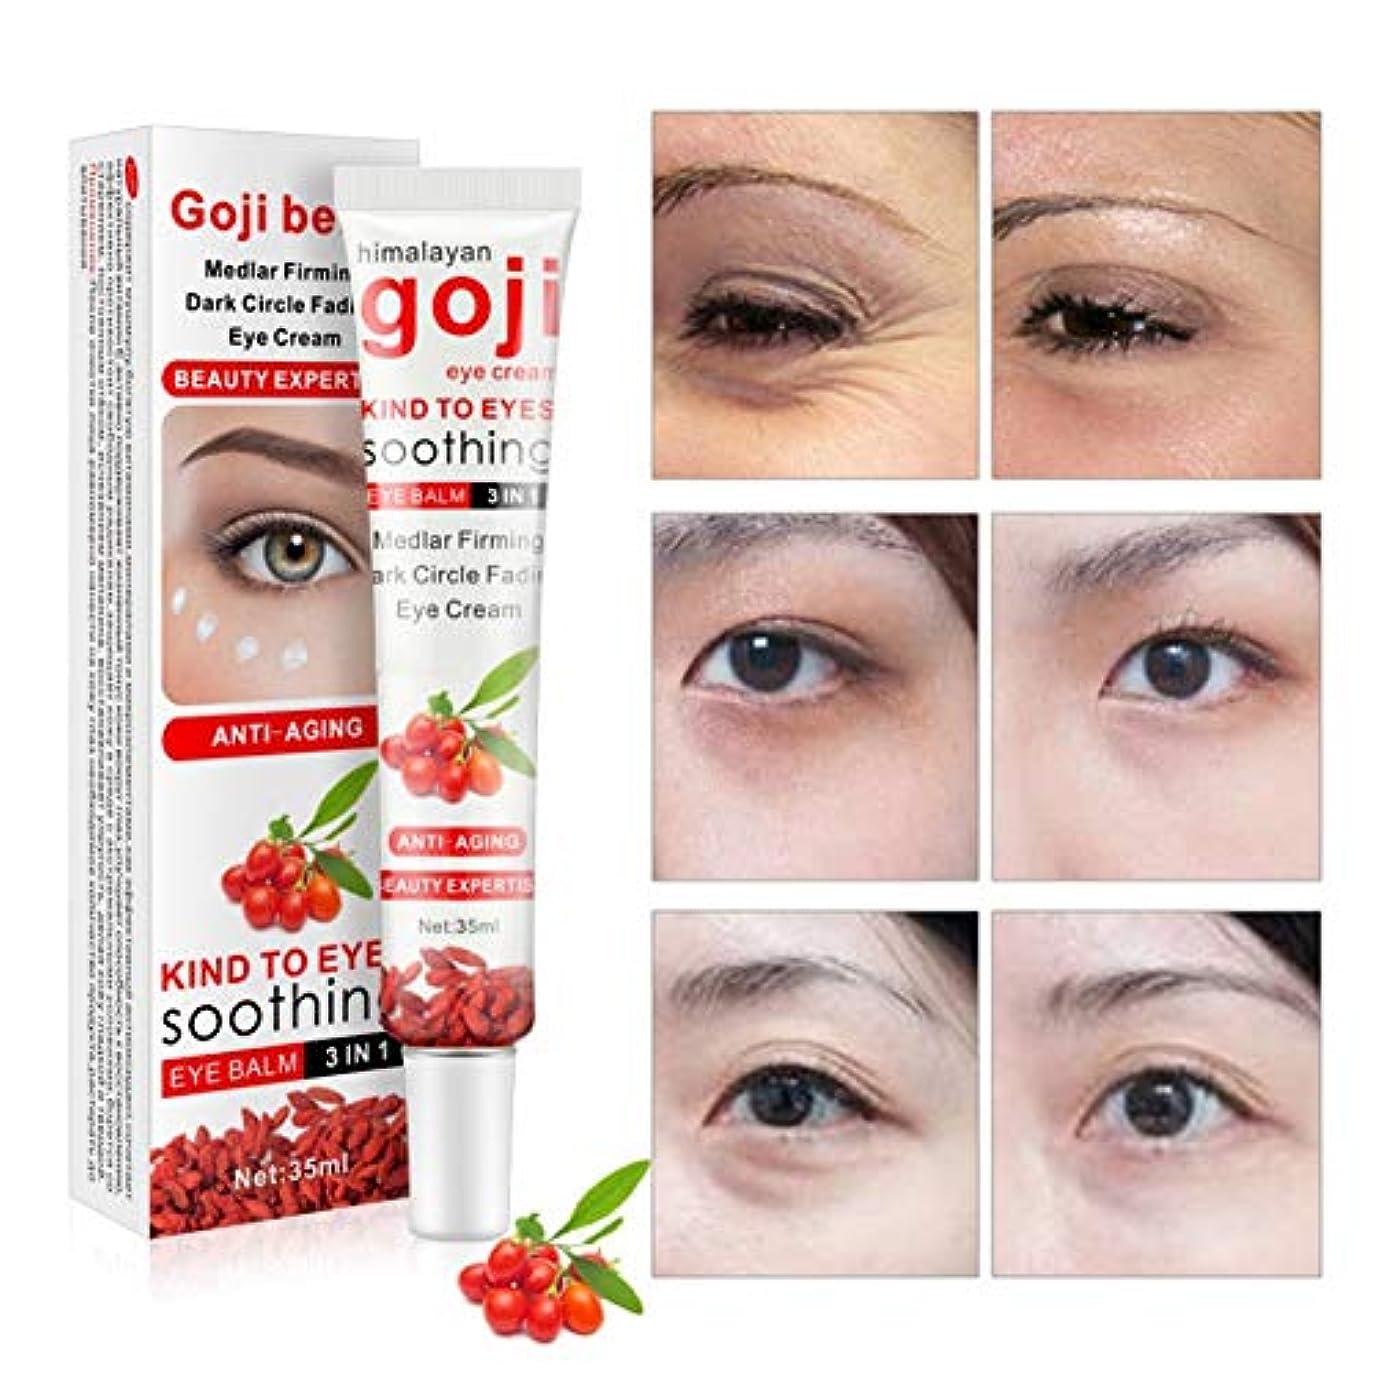 財布さておき欲しいですしわ防止アイクリーム、中国のクコの目の皮の更新のクリームの保湿の引き締めの希薄ダークサークルの目袋の希釈クリーム